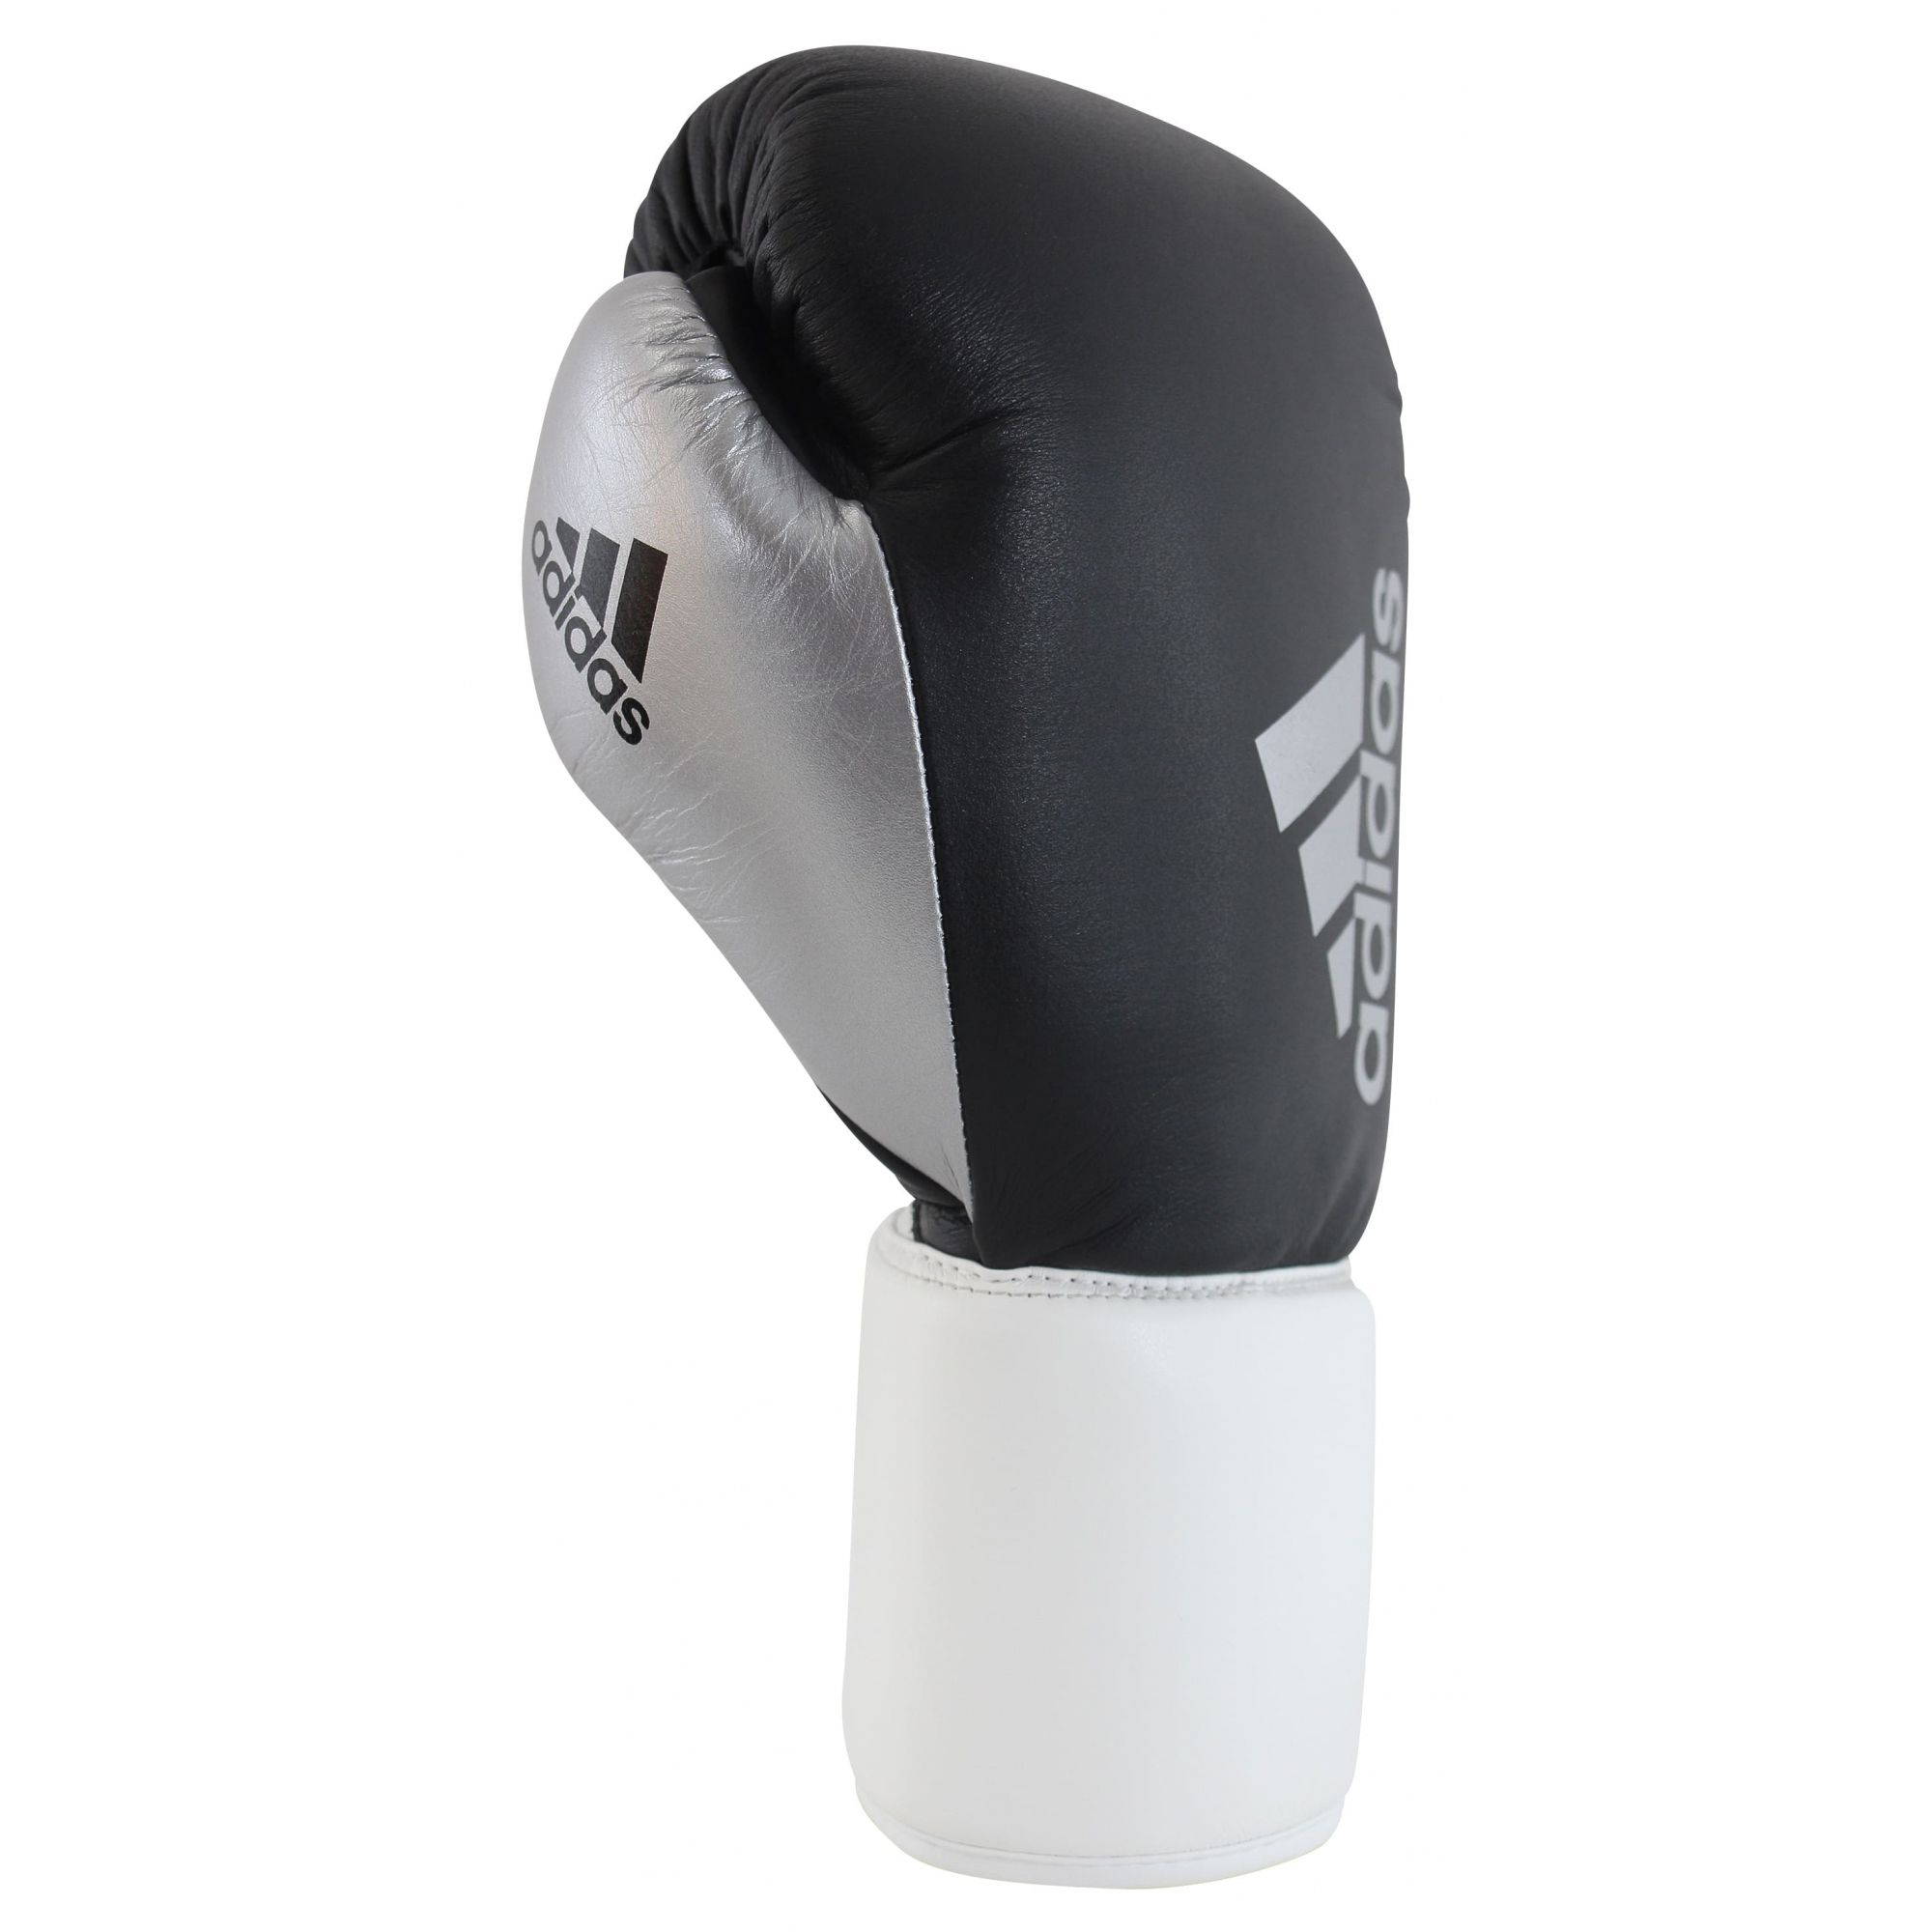 Luva de Boxe adidas Hybrid 400 Pro Lace Preta/Branca e Dedão Prateado